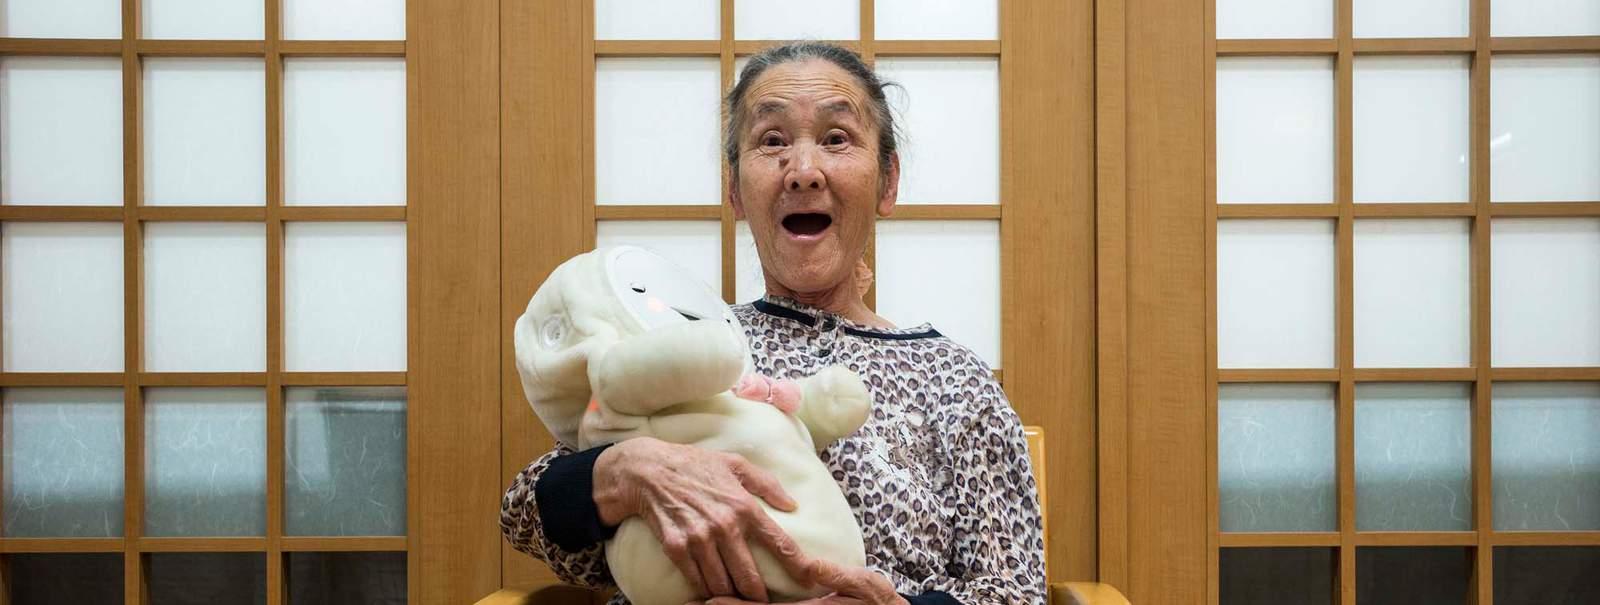 Séance de thérapie relationnelle avec le robot Smiby dans une maison de retraite.